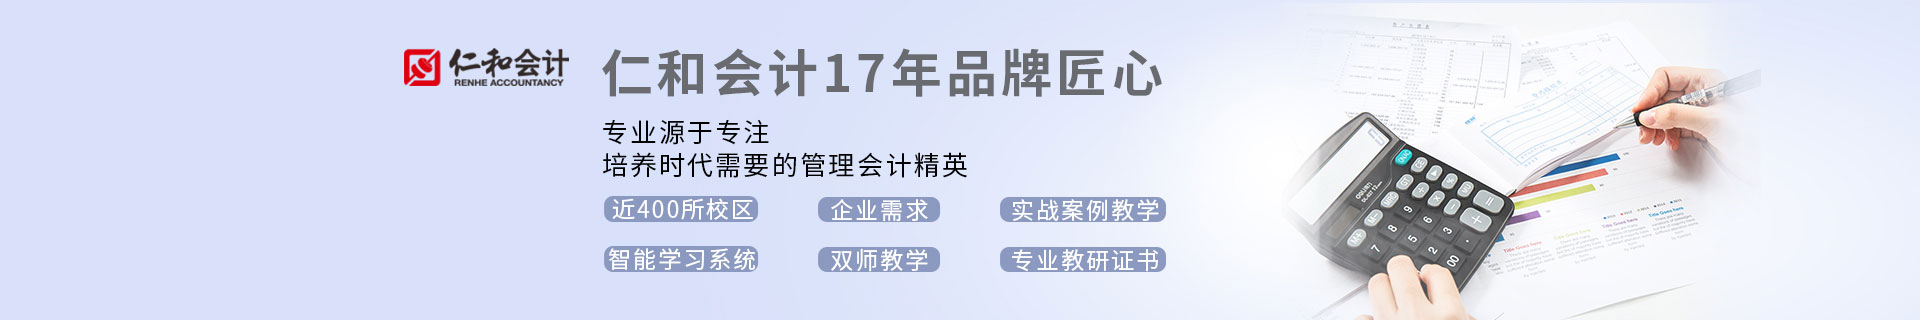 重庆南岸茶园仁和会计培训机构